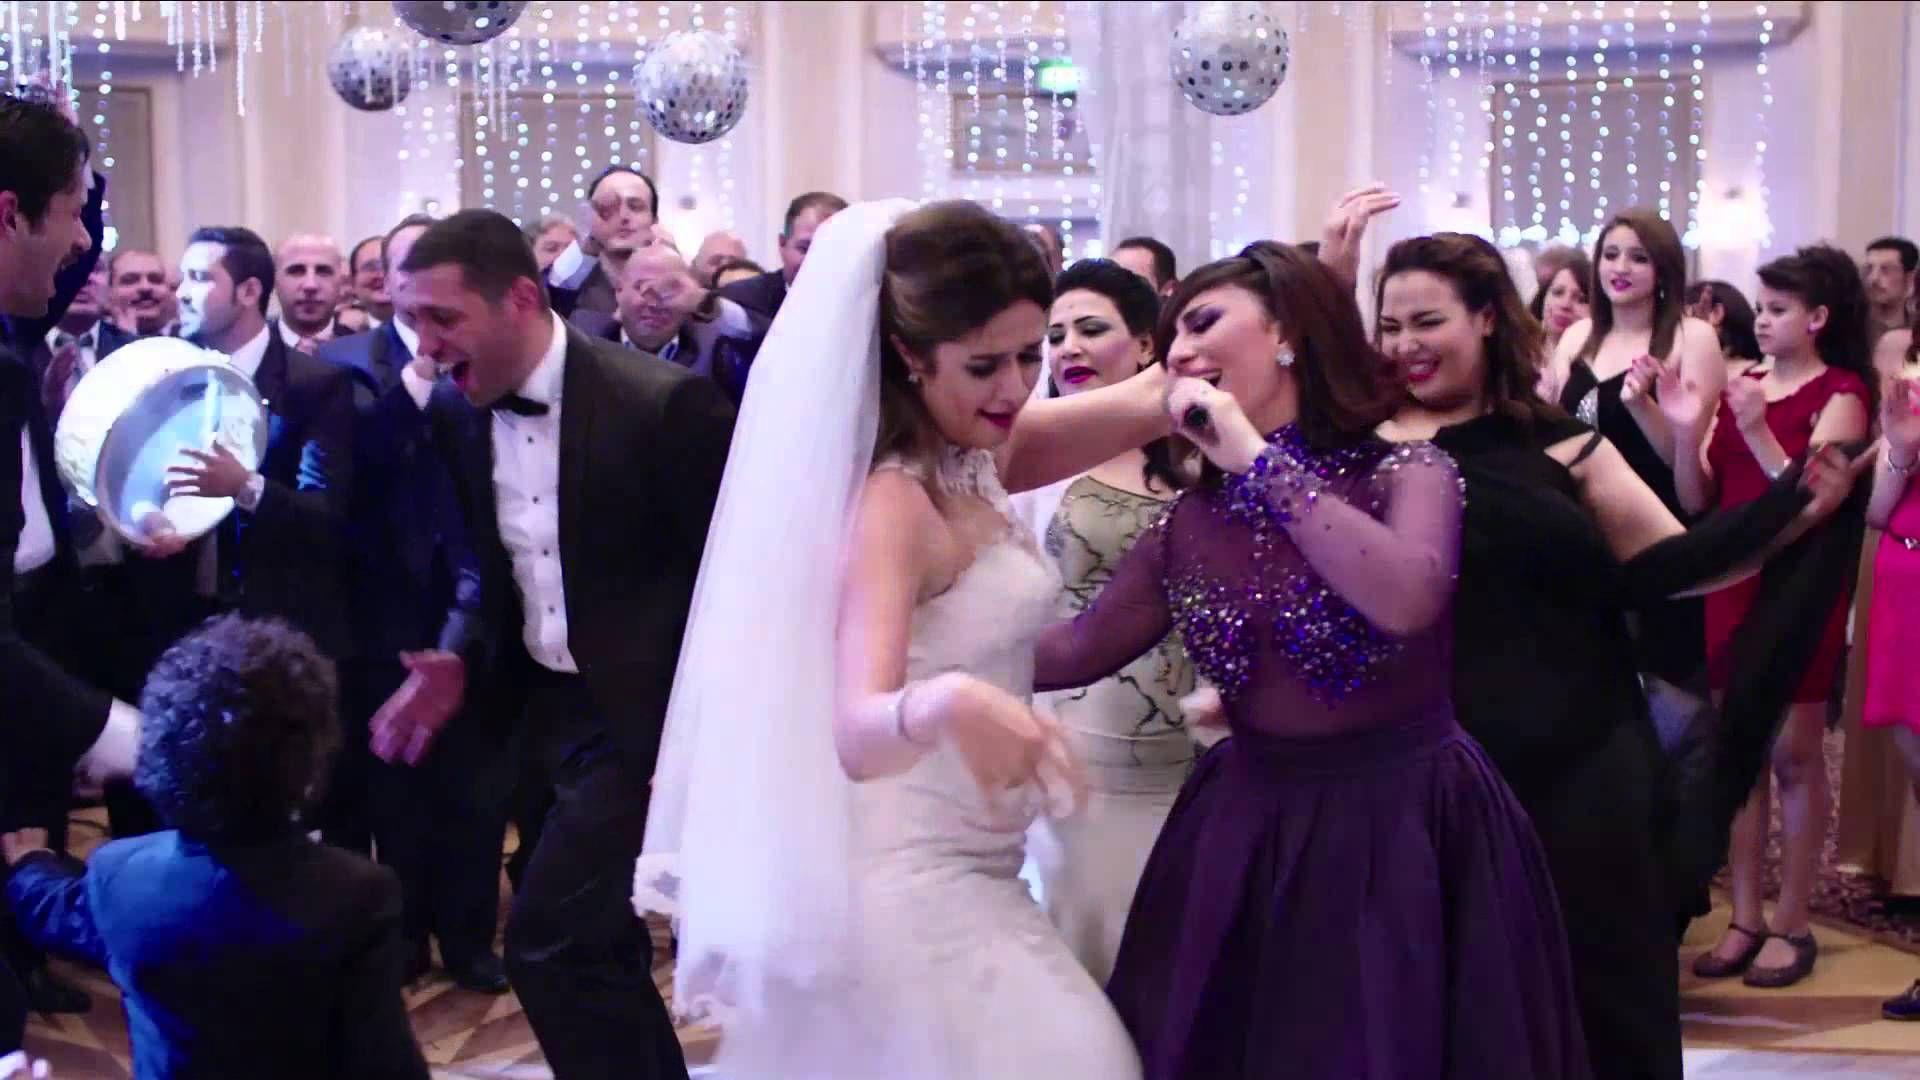 اغنية مبروك عليا فيلم جوازة ميري ياسمين عبد العزيز بوسي Backless Dress Formal Wedding Playlist Wedding Dresses